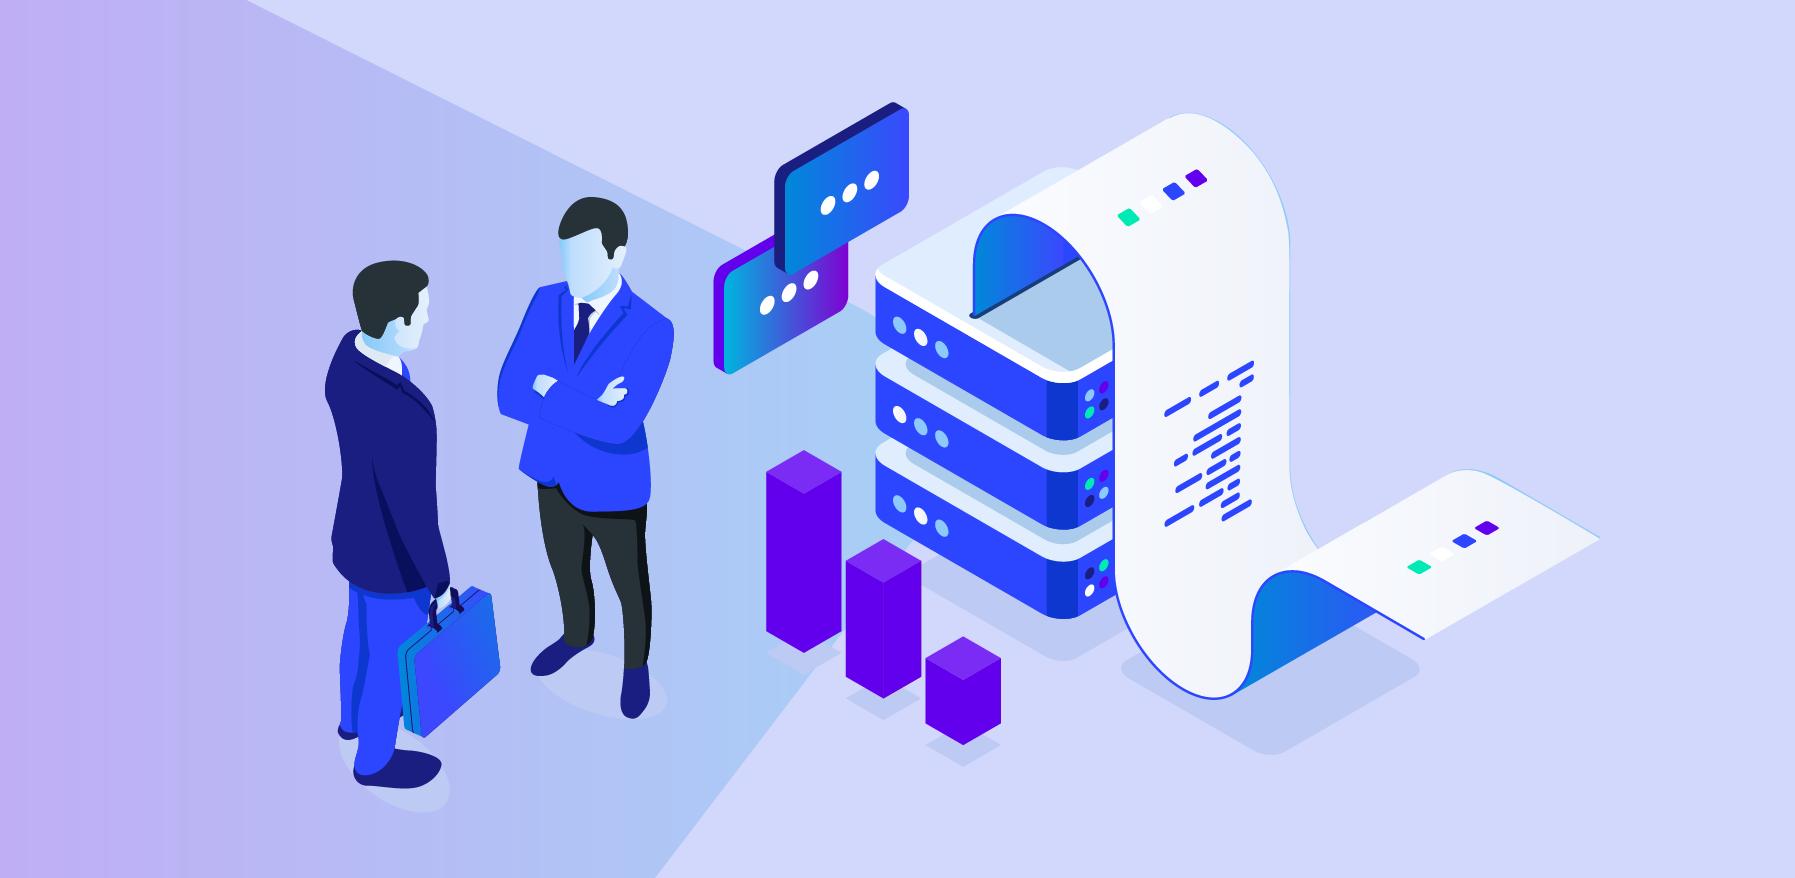 Cómo Webdox ayuda a escoger y gestionar contratos con tu cartera de proveedores